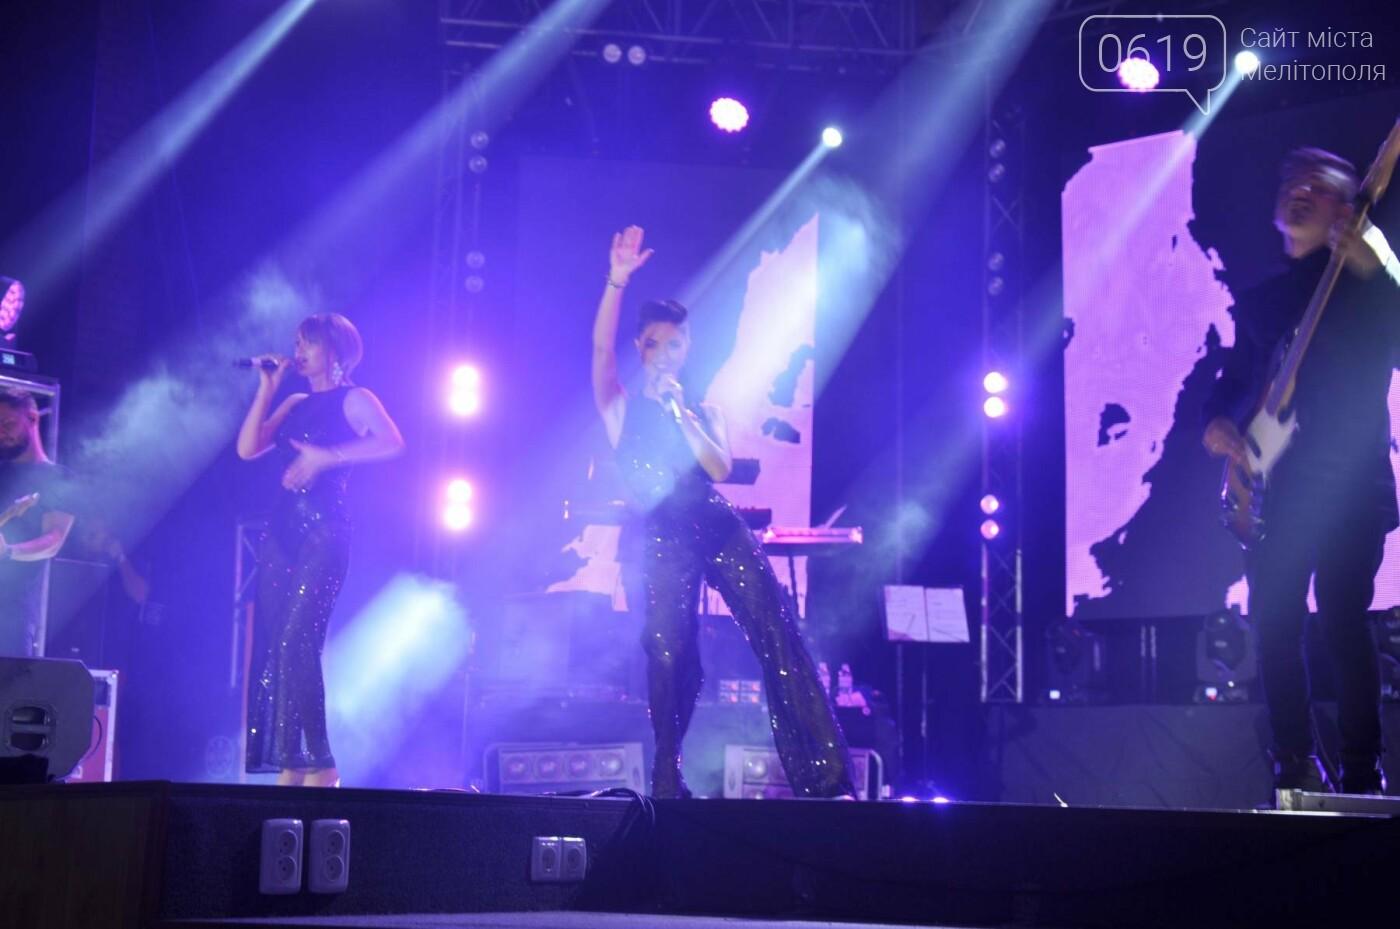 """В Мелитополе состоялся концерт группы """"НеАнгелы"""". Фоторепортаж , фото-3, Фото сайта 0619"""